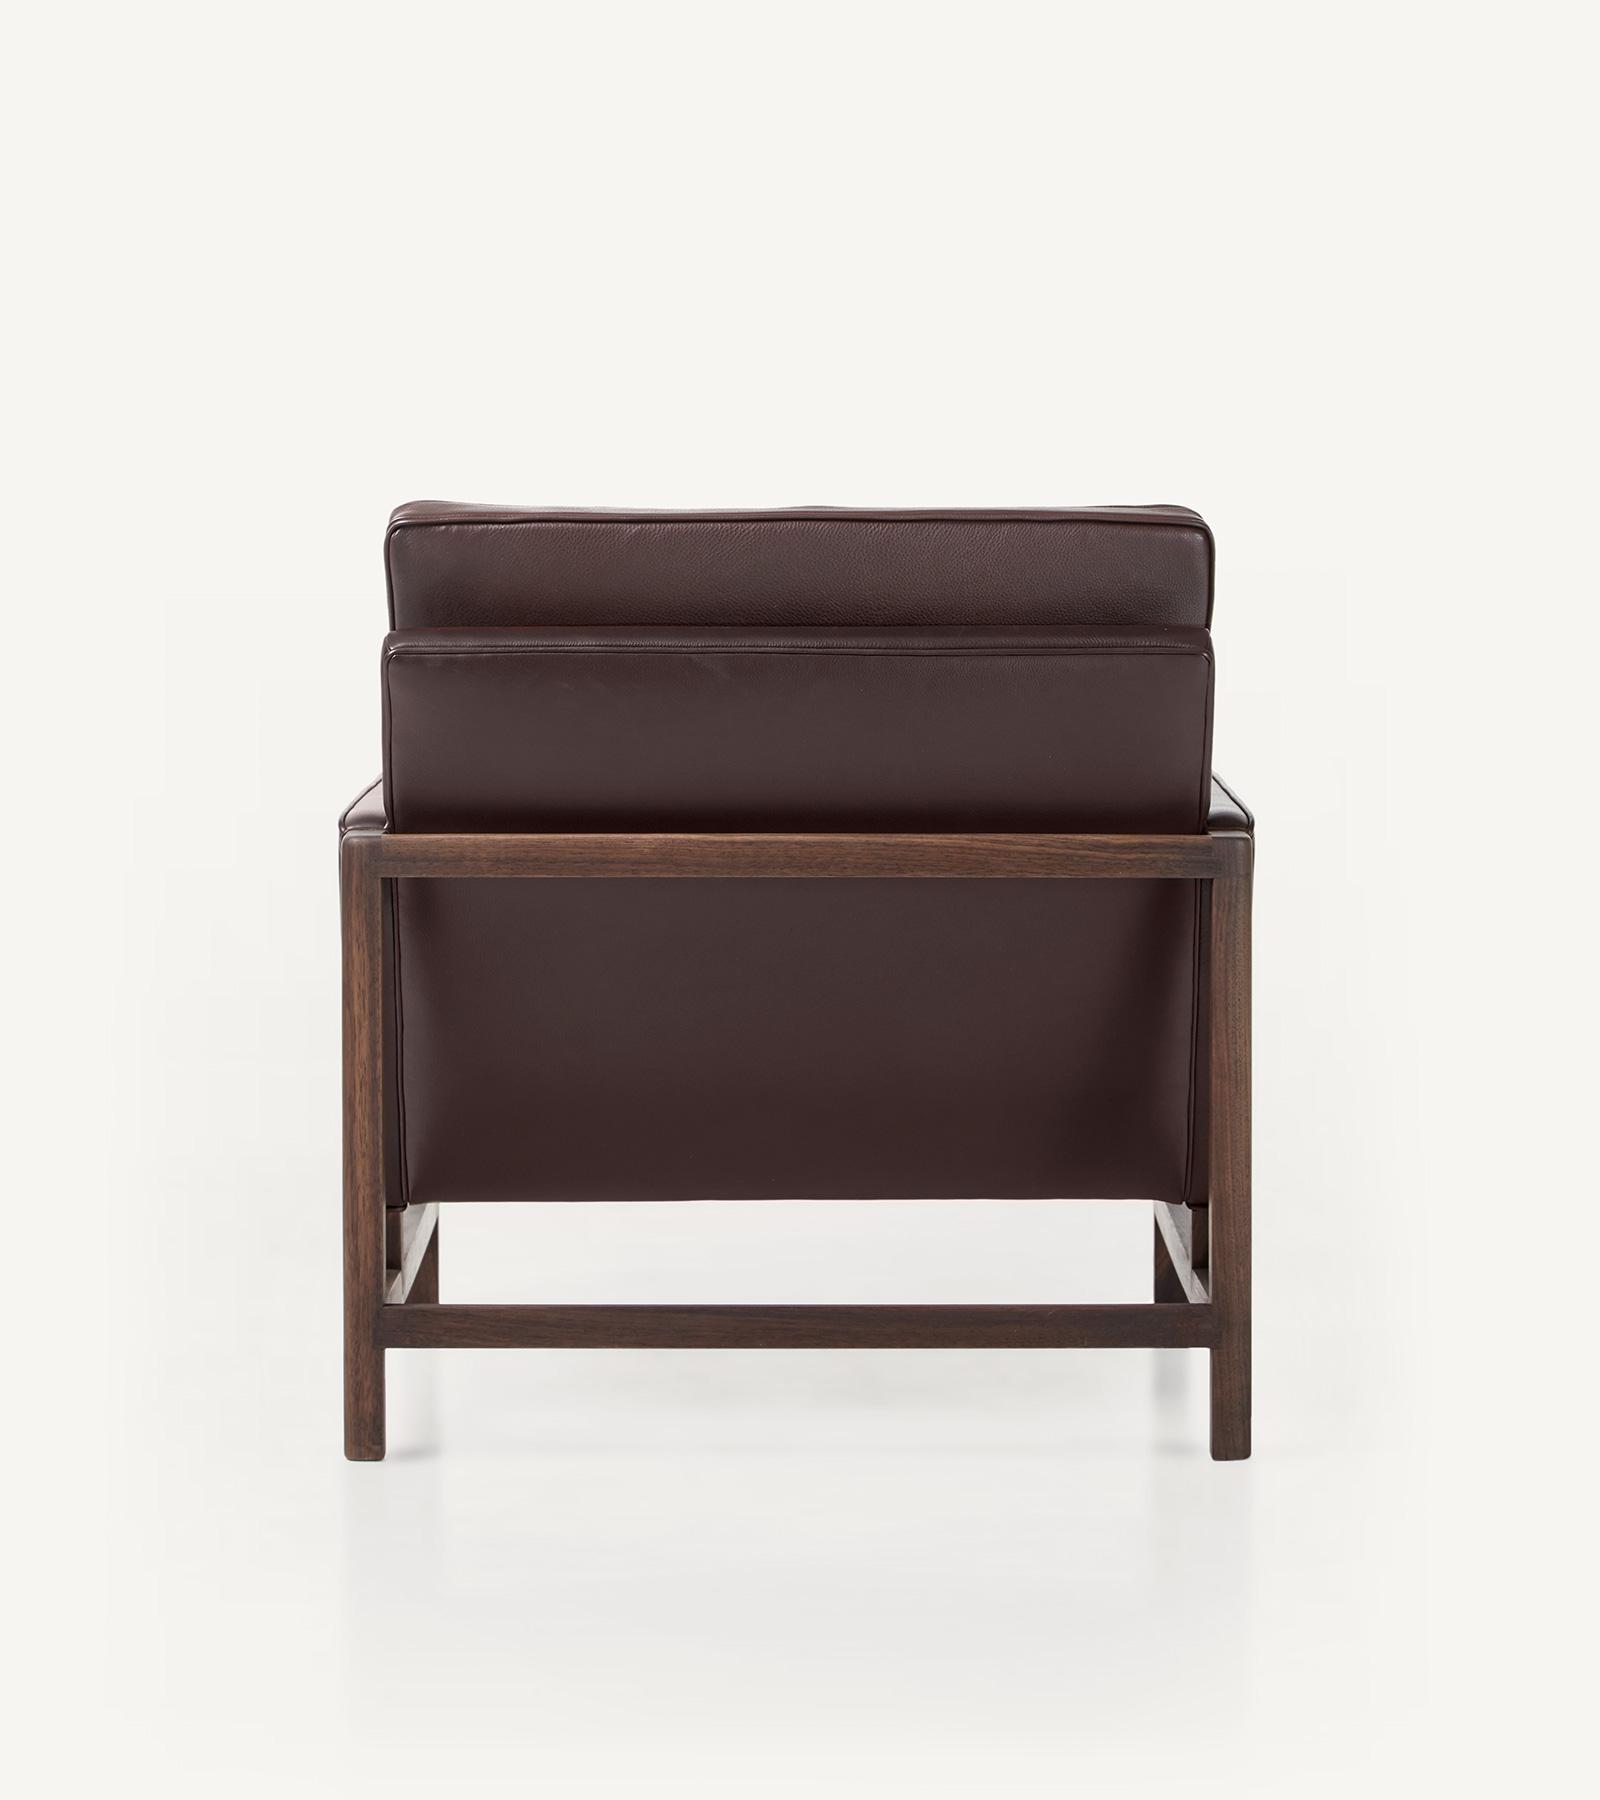 TinnappleMetz-bassamfellows-Wood-Frame-Lounge-Chair-04